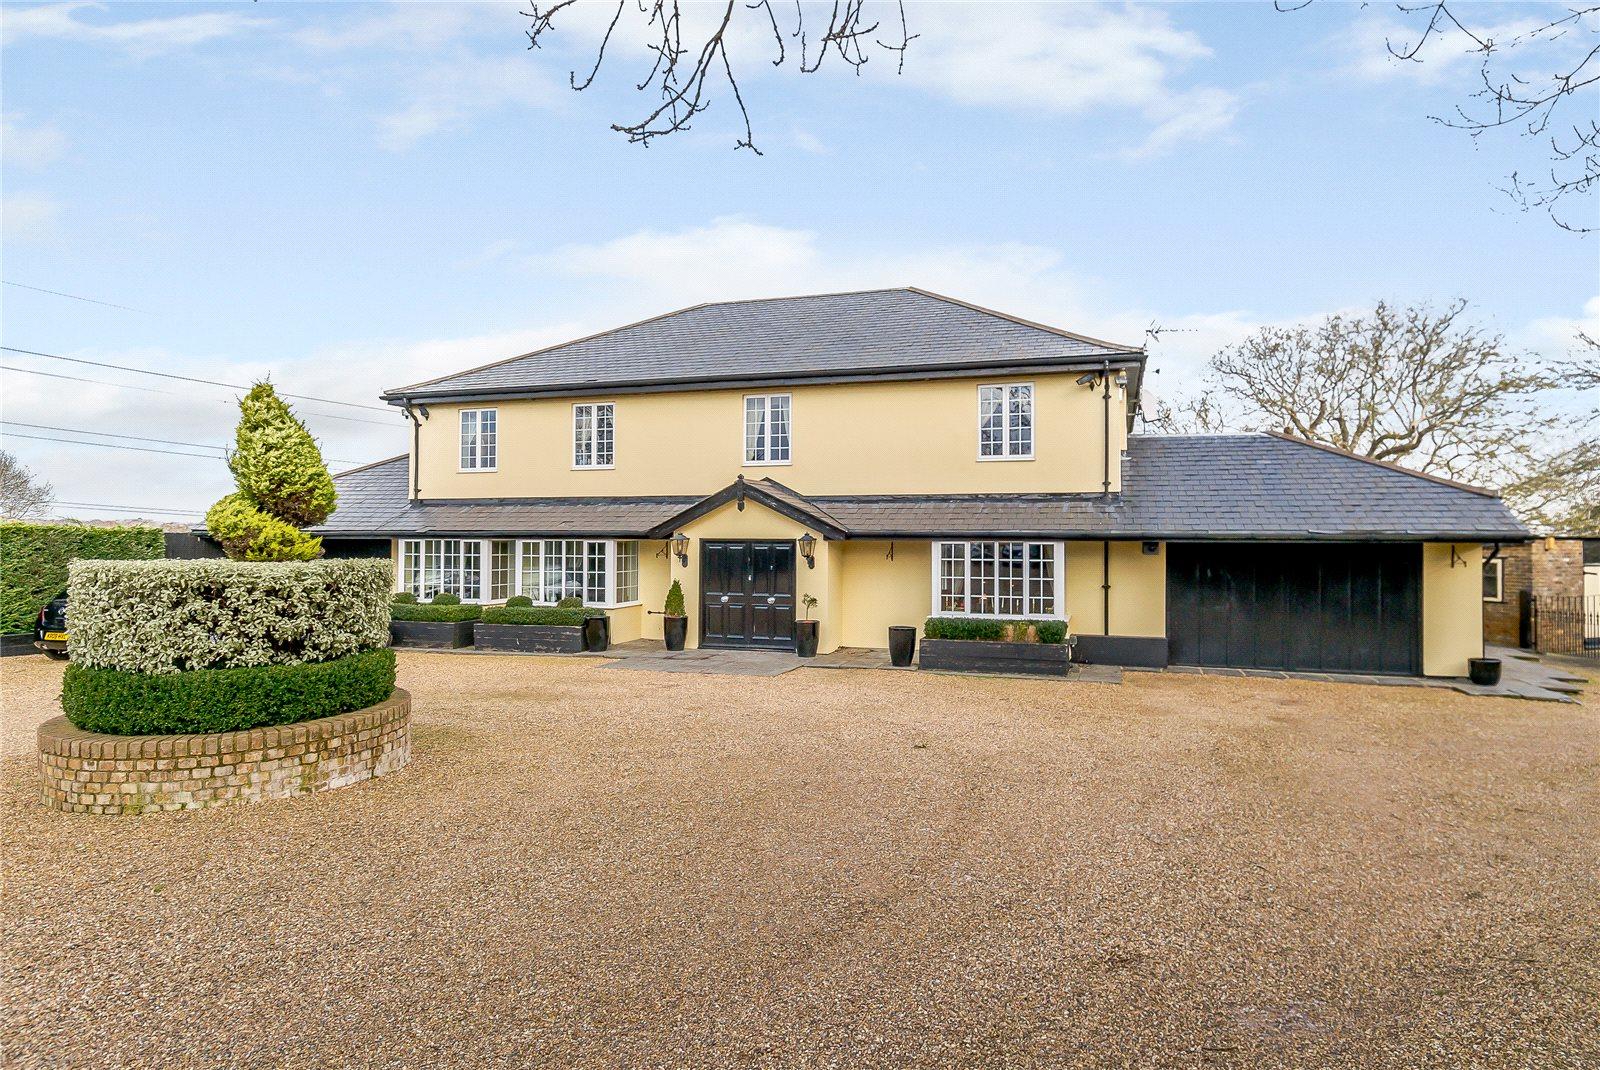 Single Family Home for Sale at Appleby Street, Cheshunt, Hertfordshire, EN7 Hertfordshire, England